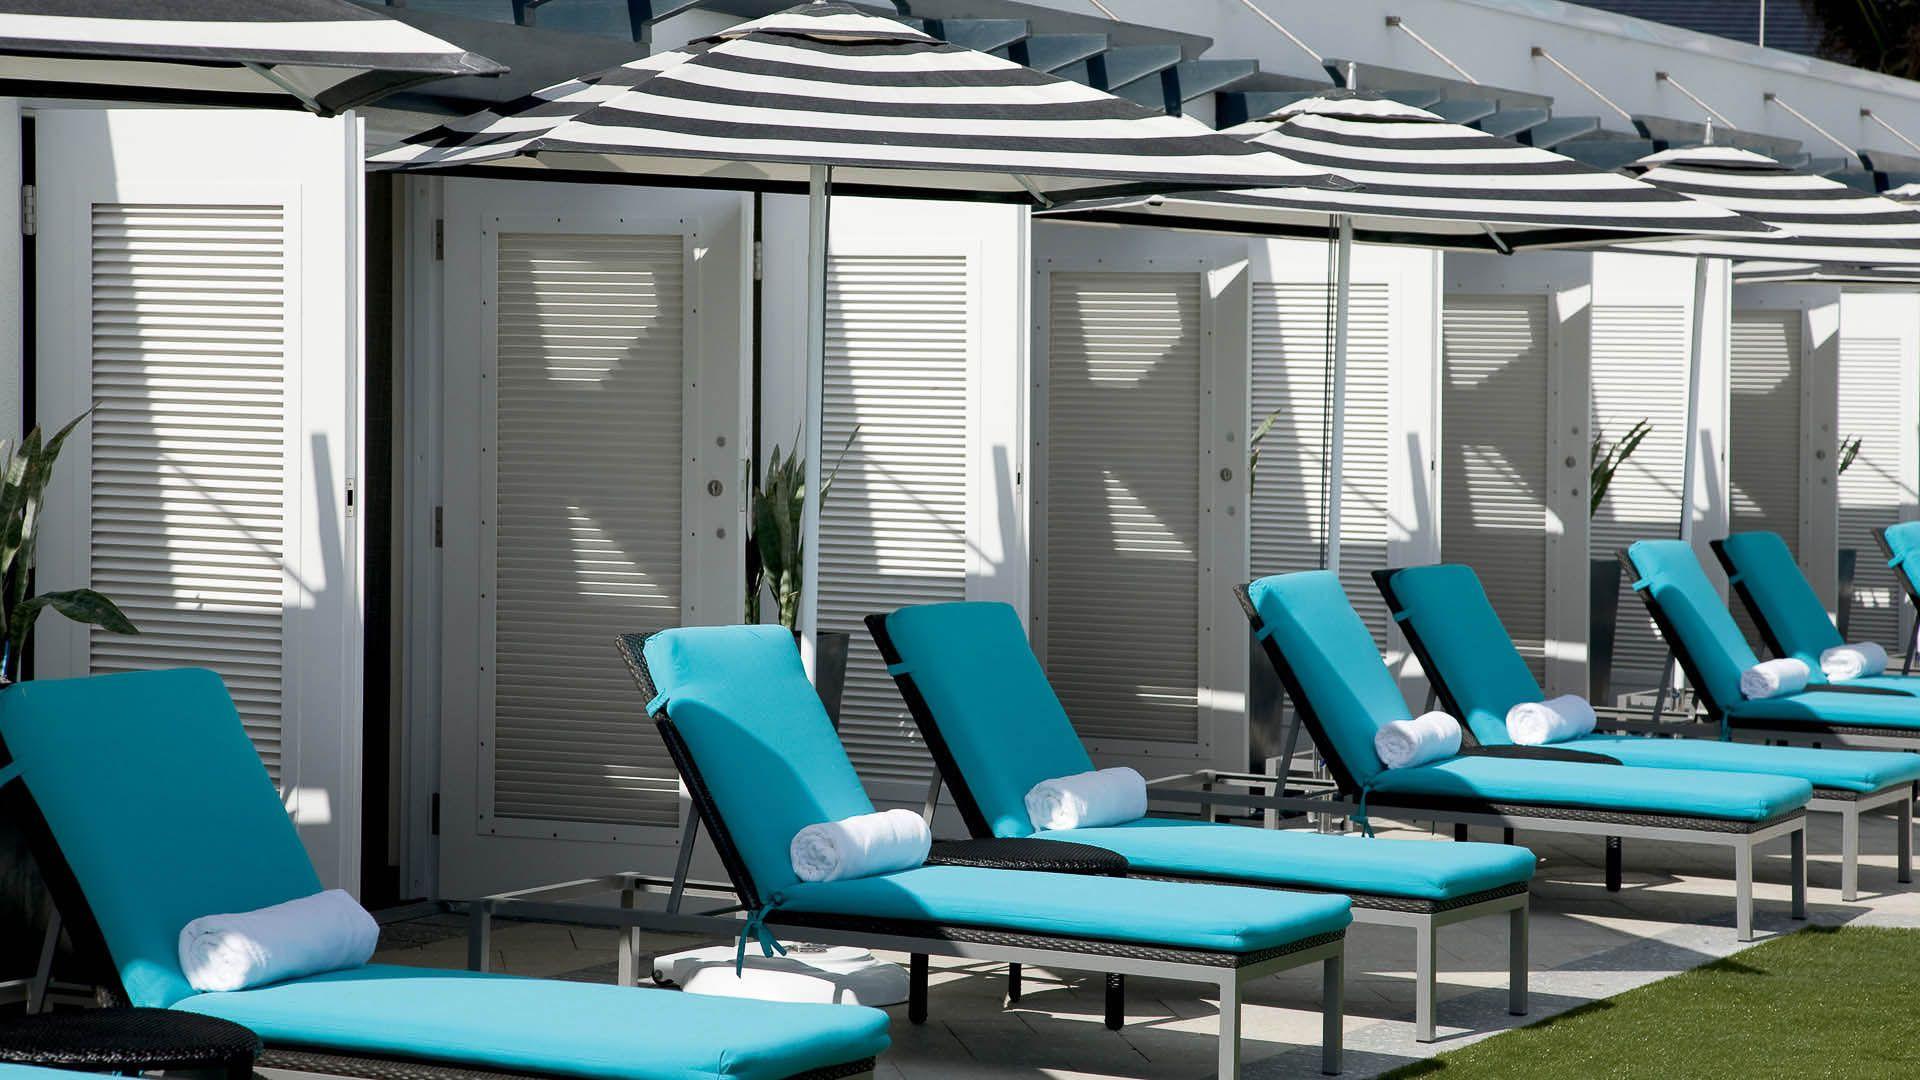 Boca Beach Club Chaise Lounge Chairs Pool Deck Pool